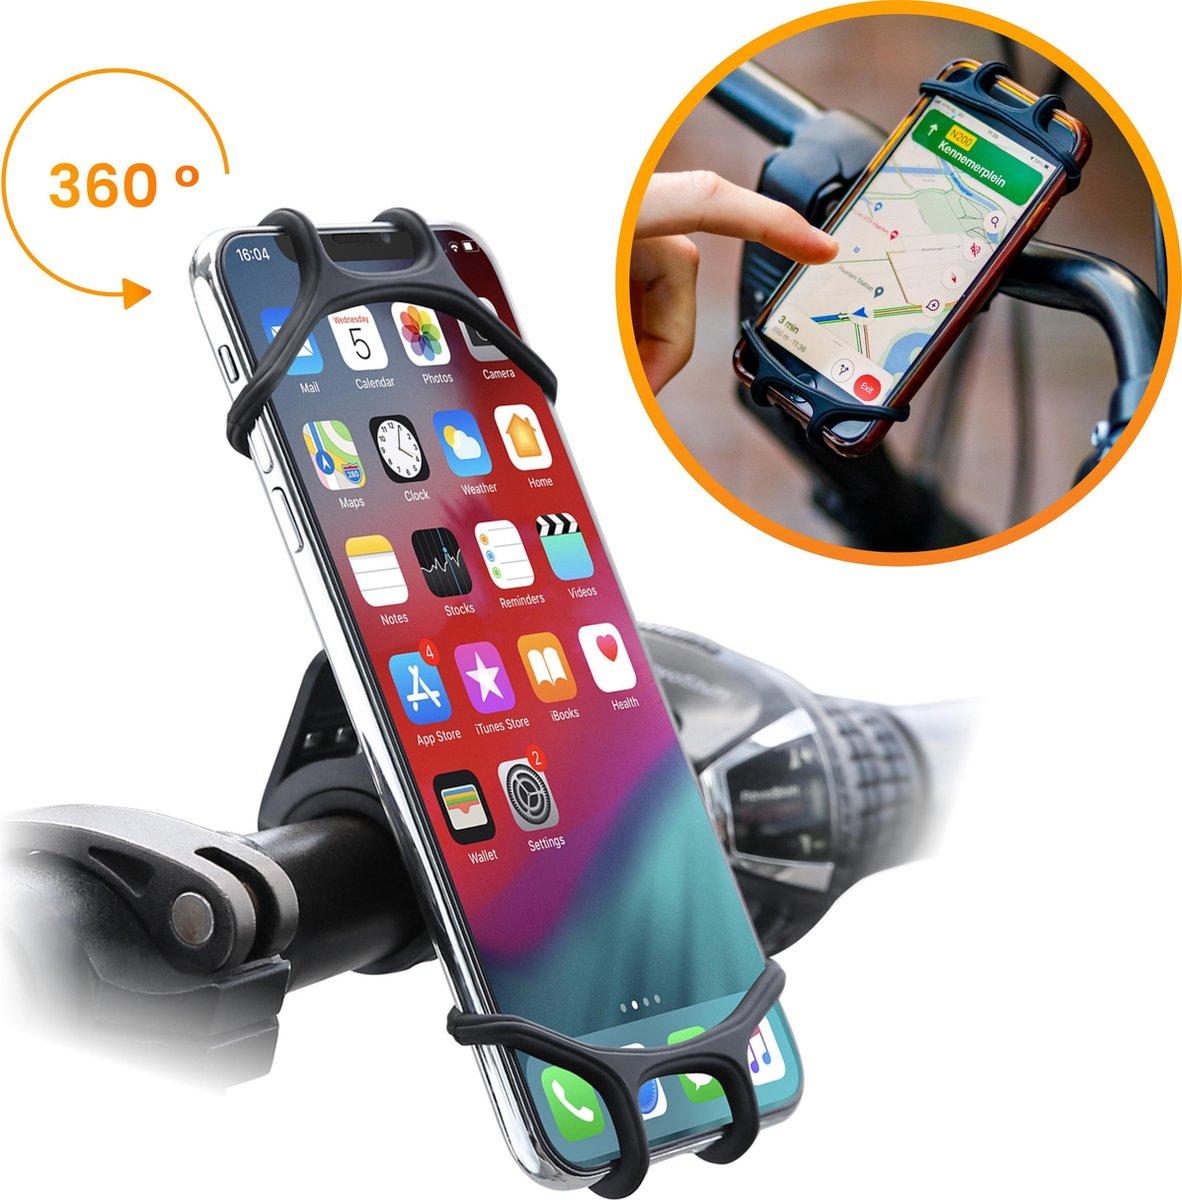 R2B Telefoonhouder Fiets met 360 graden rotatie - Universeel - Gsm houder fiets - Fiets telefoonhoud